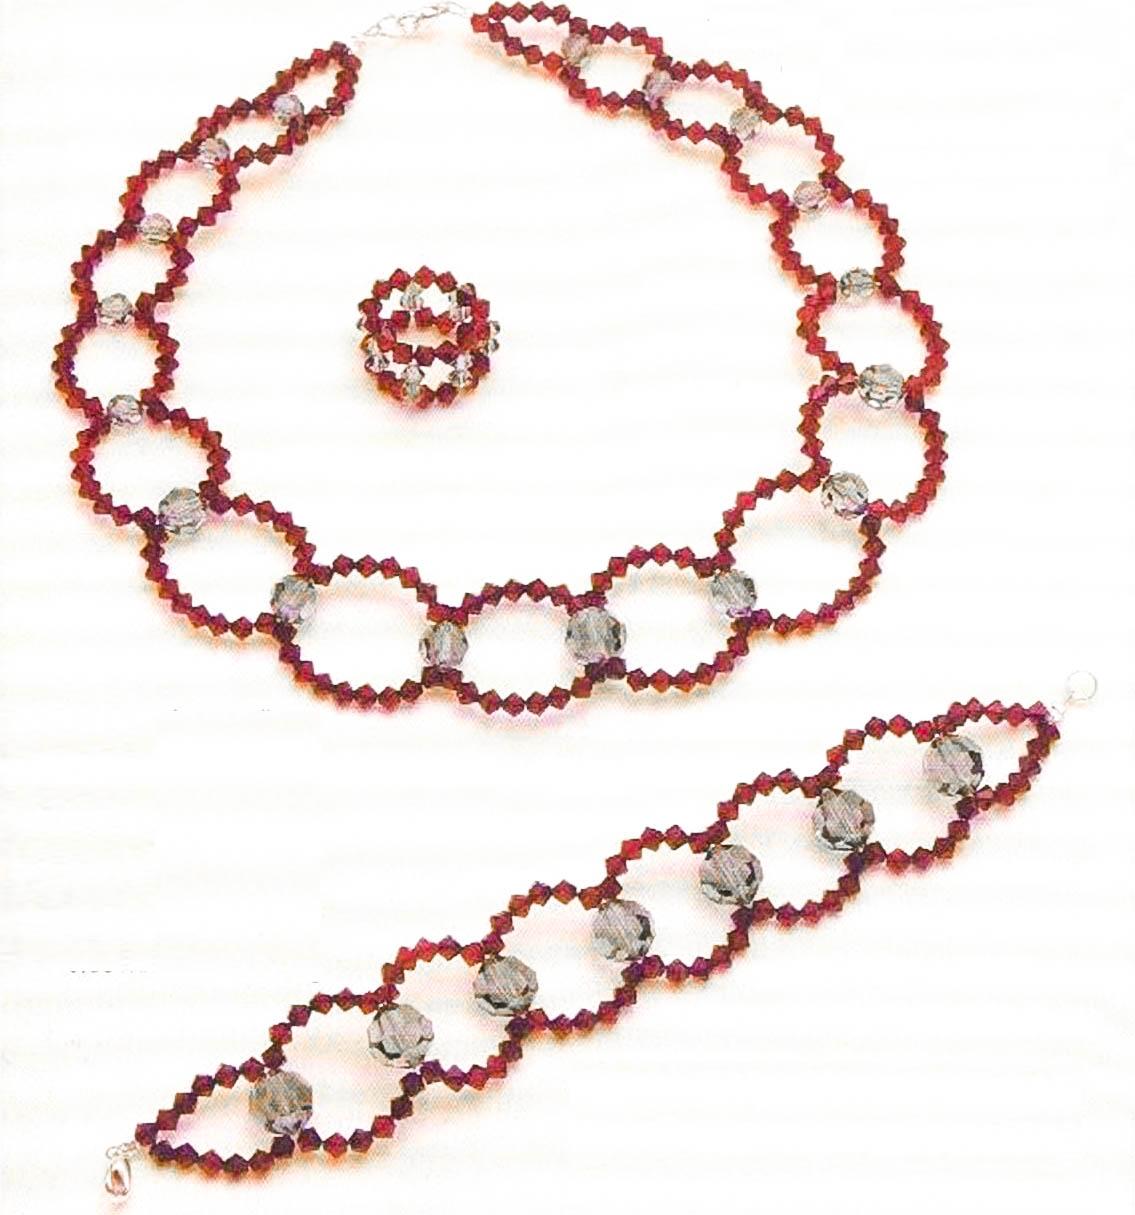 Мастер-класс по плетению кольца из бусин и бисера